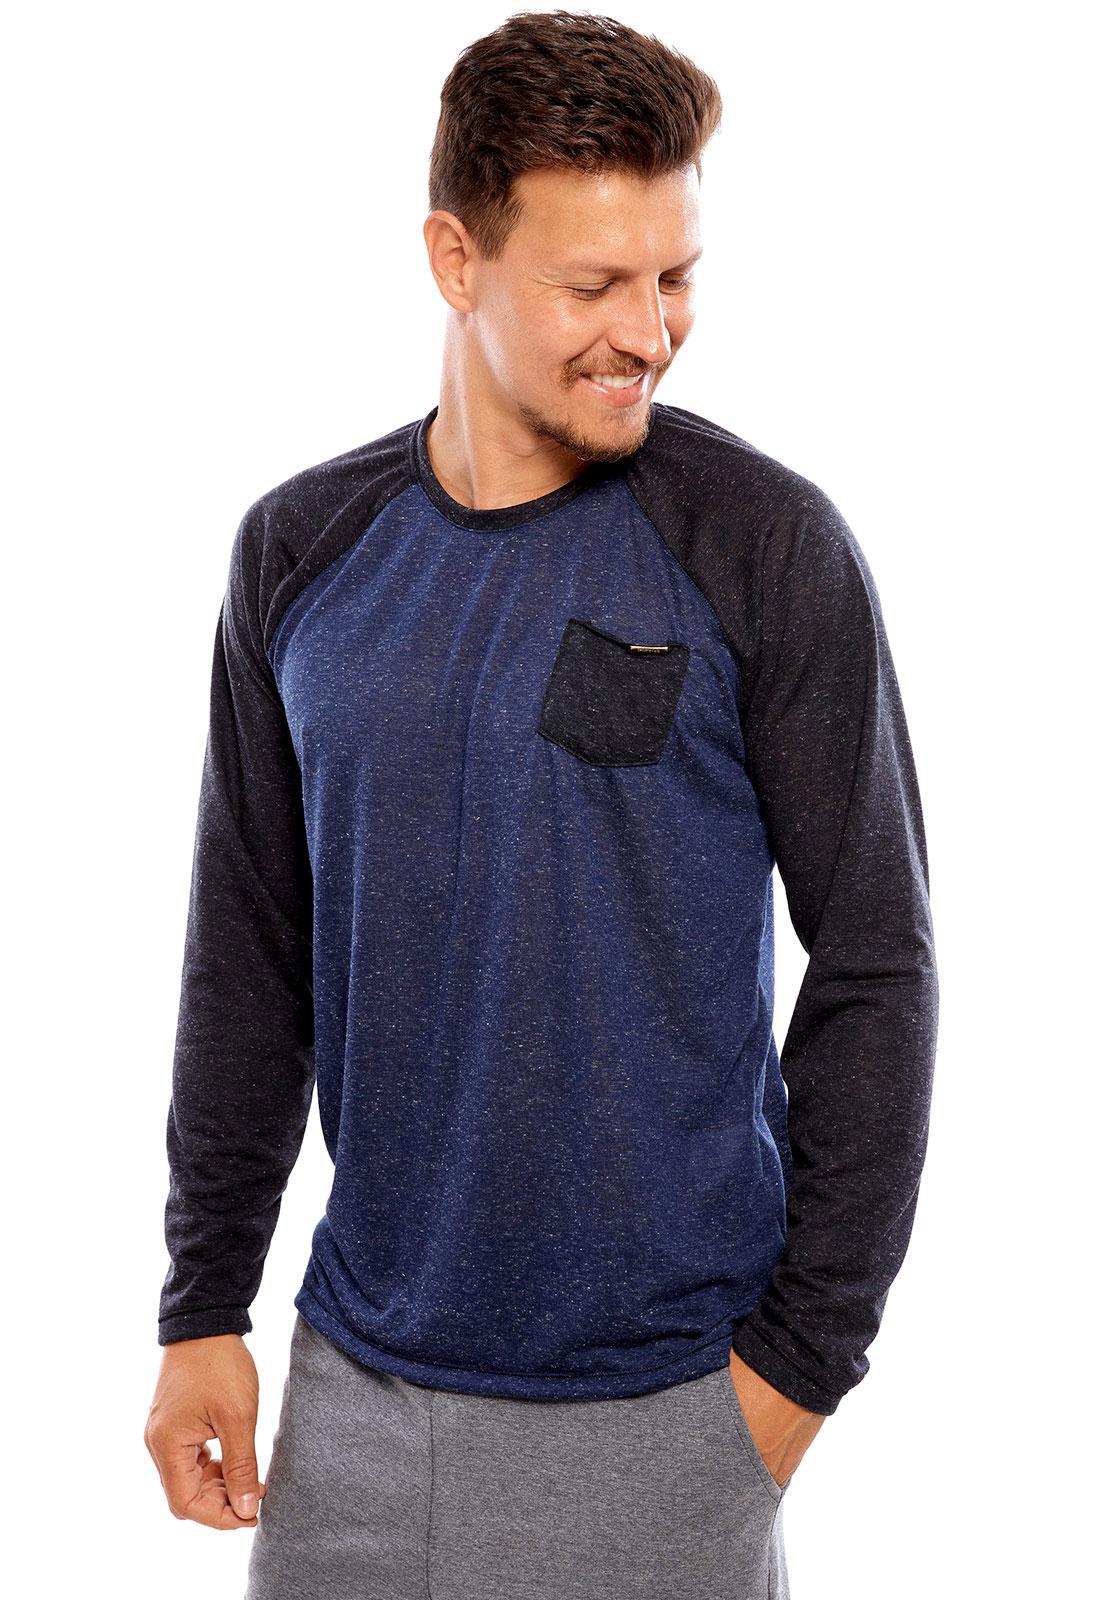 Camiseta Vida Marinha Manga Longa Azul/Preto